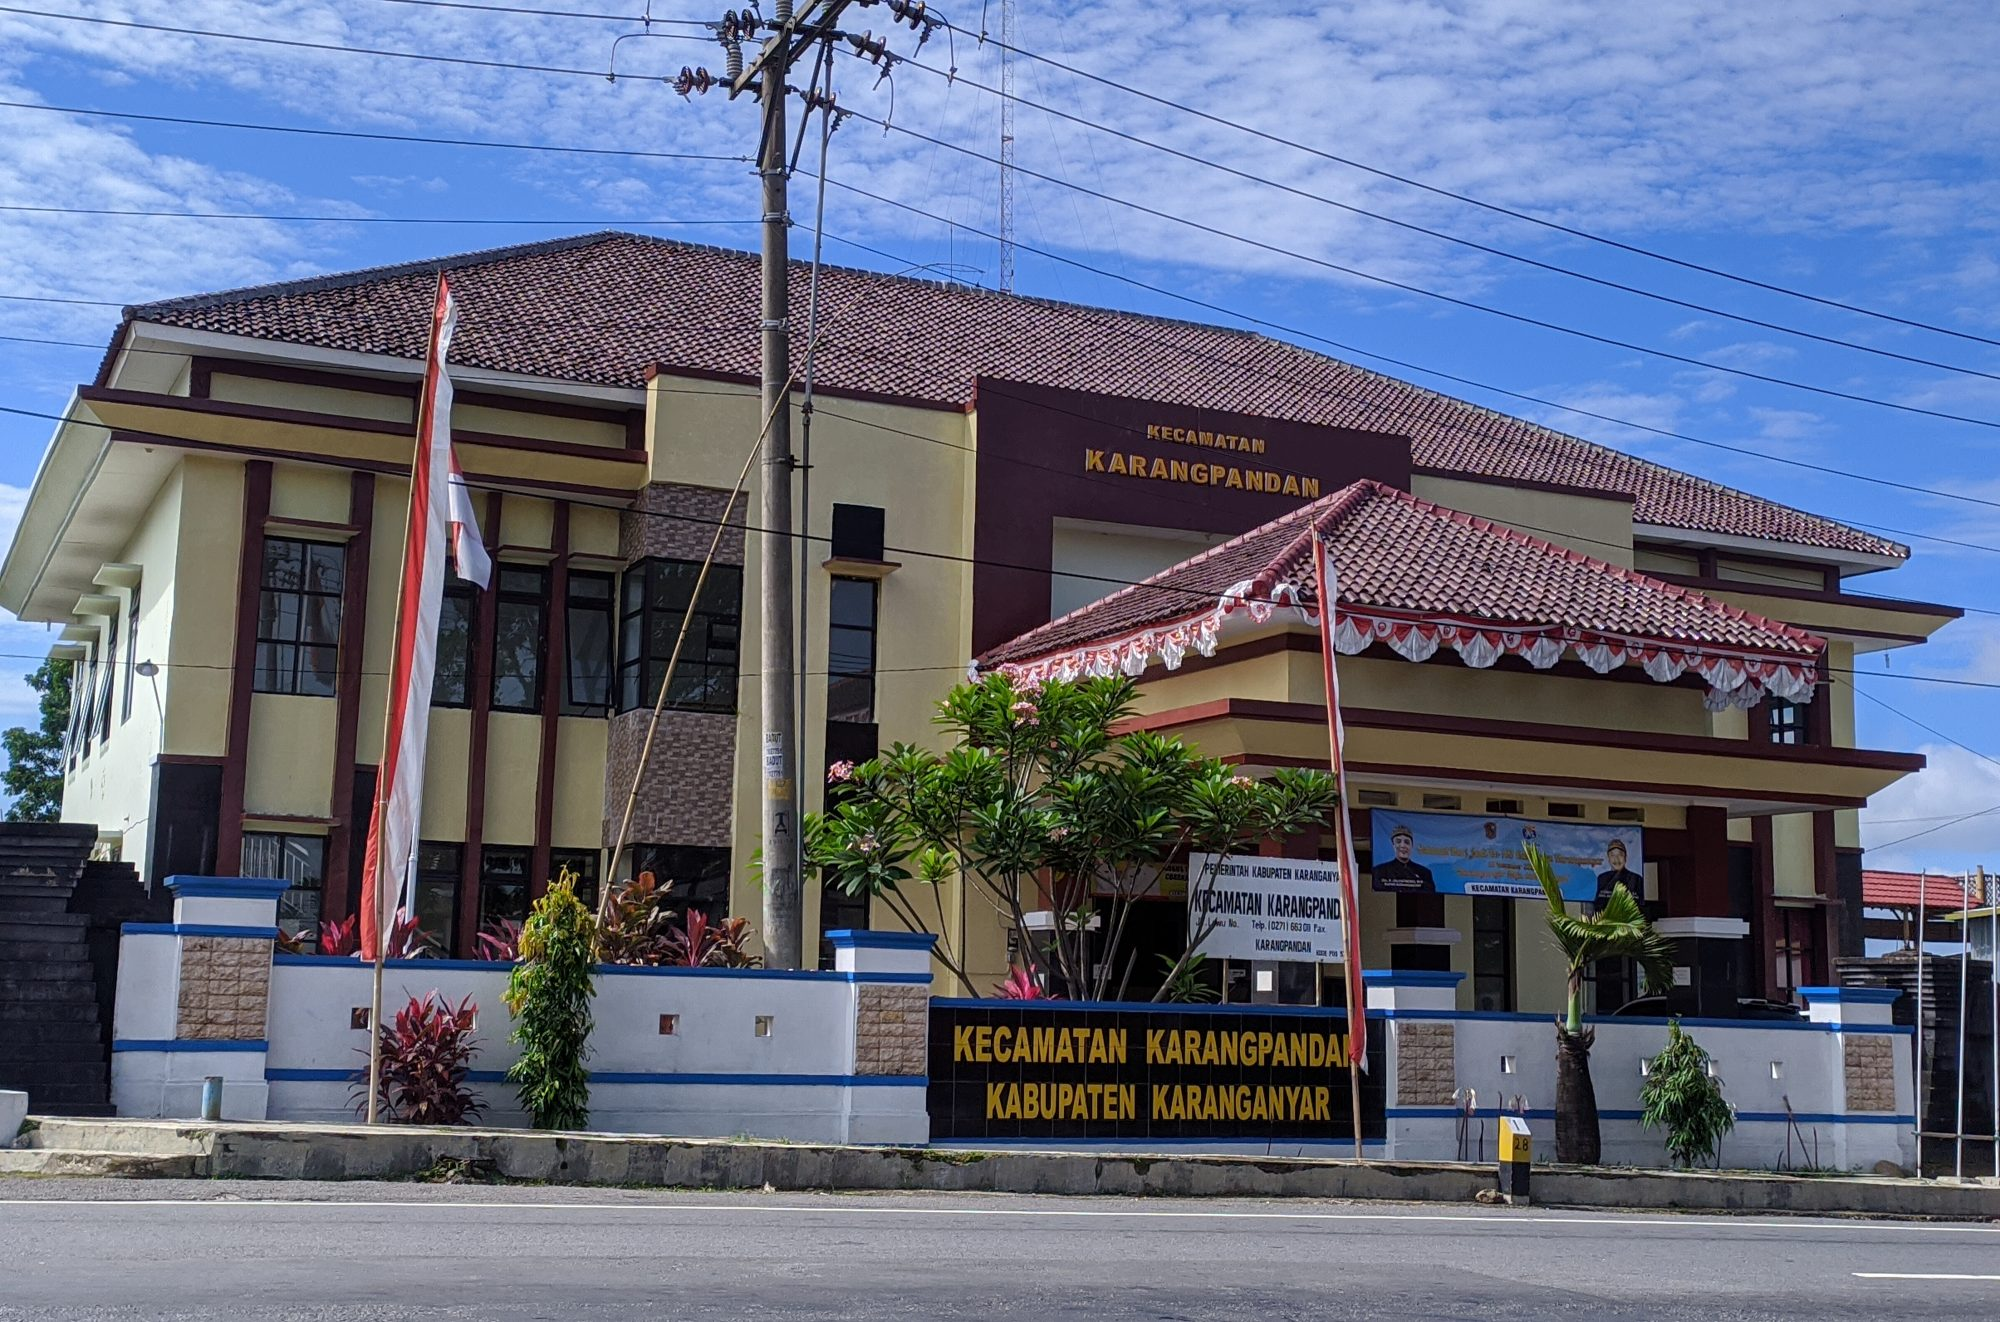 Kecamatan Karangpandan